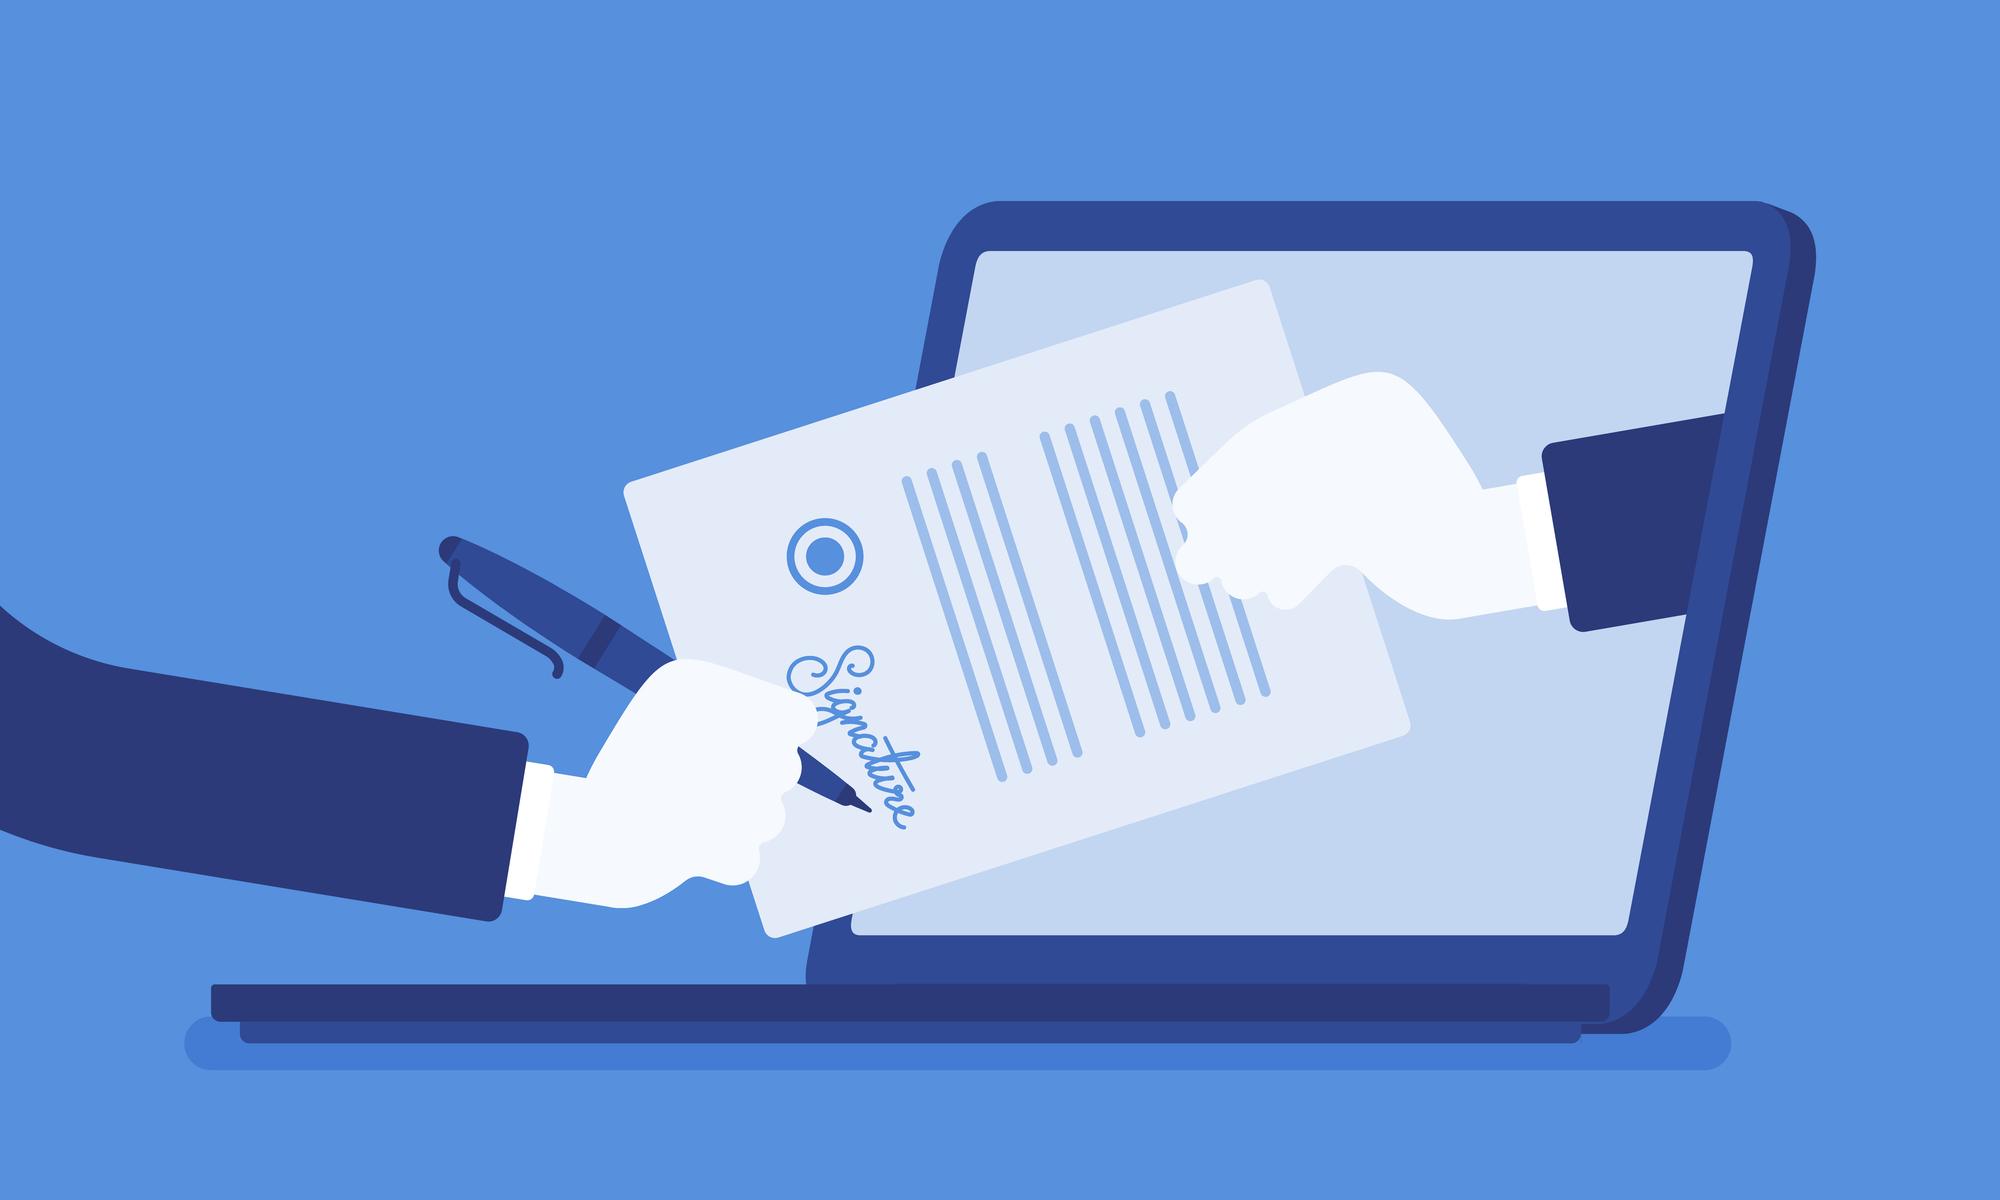 Юридически значимый документооборот банка с потенциальными клиентами зачем, в чём сложность и как мы с этим справились